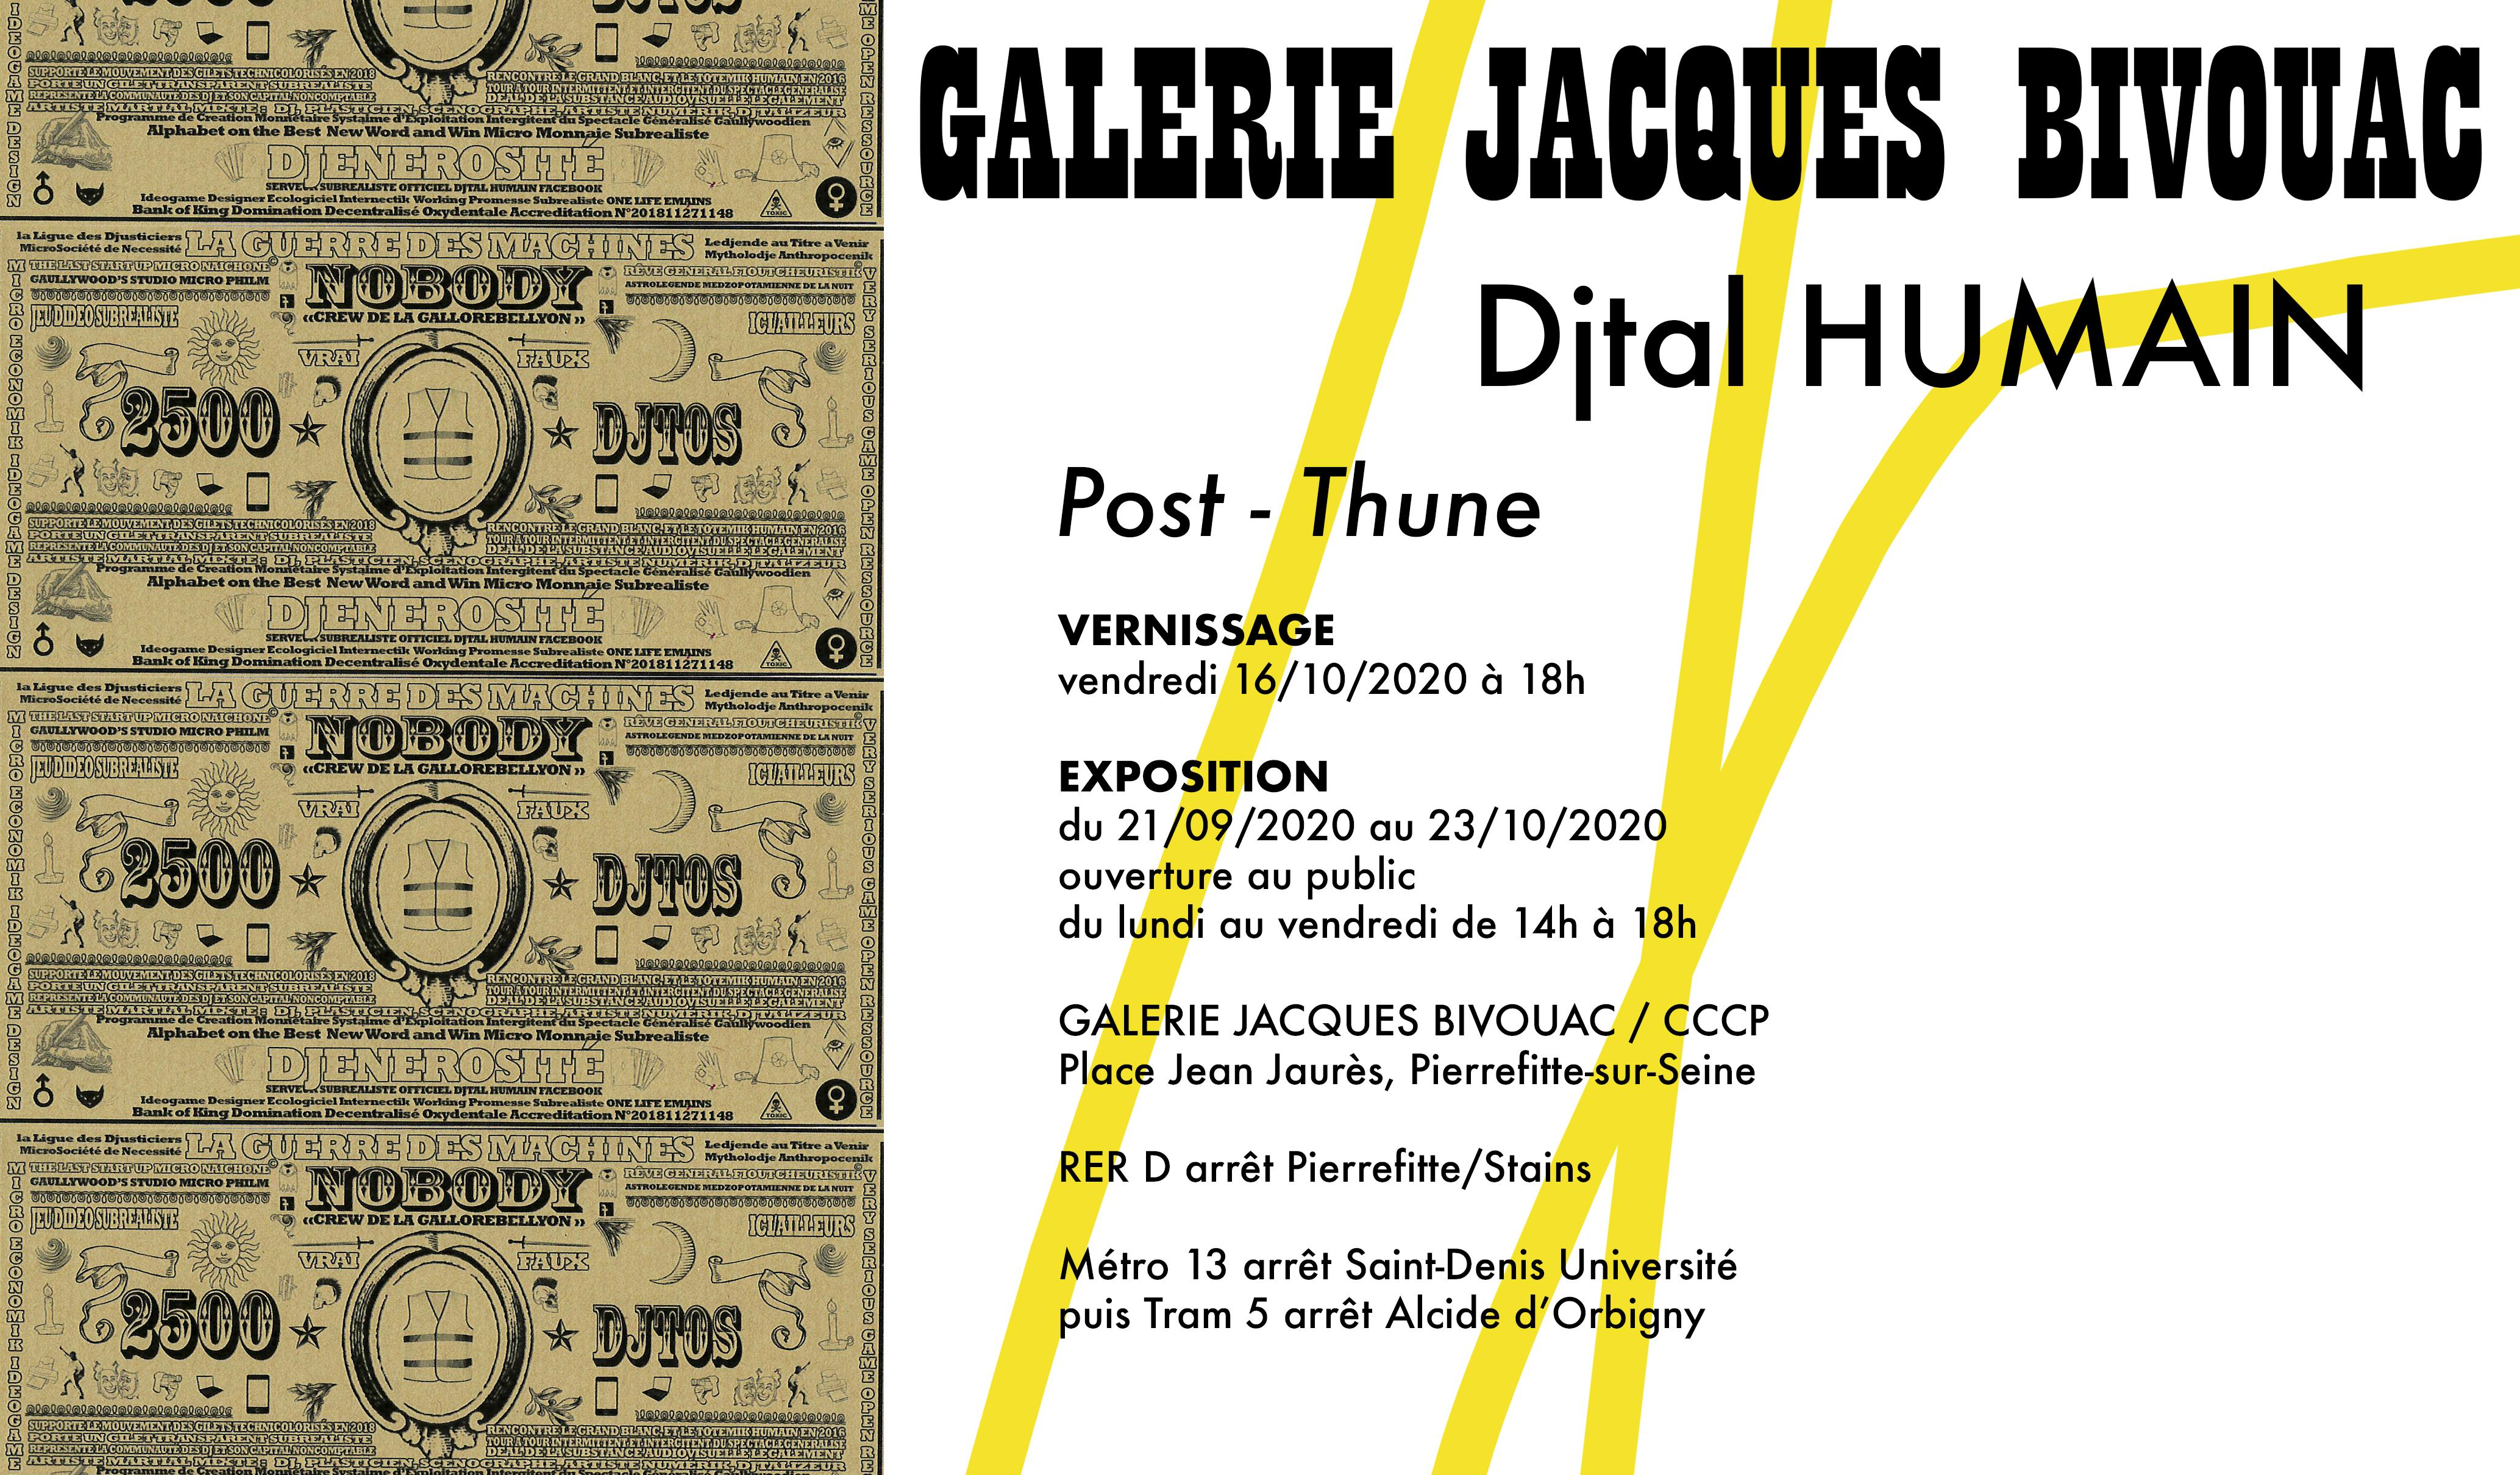 Djtal HUMAIN - Galerie Jacques BIVOUAC